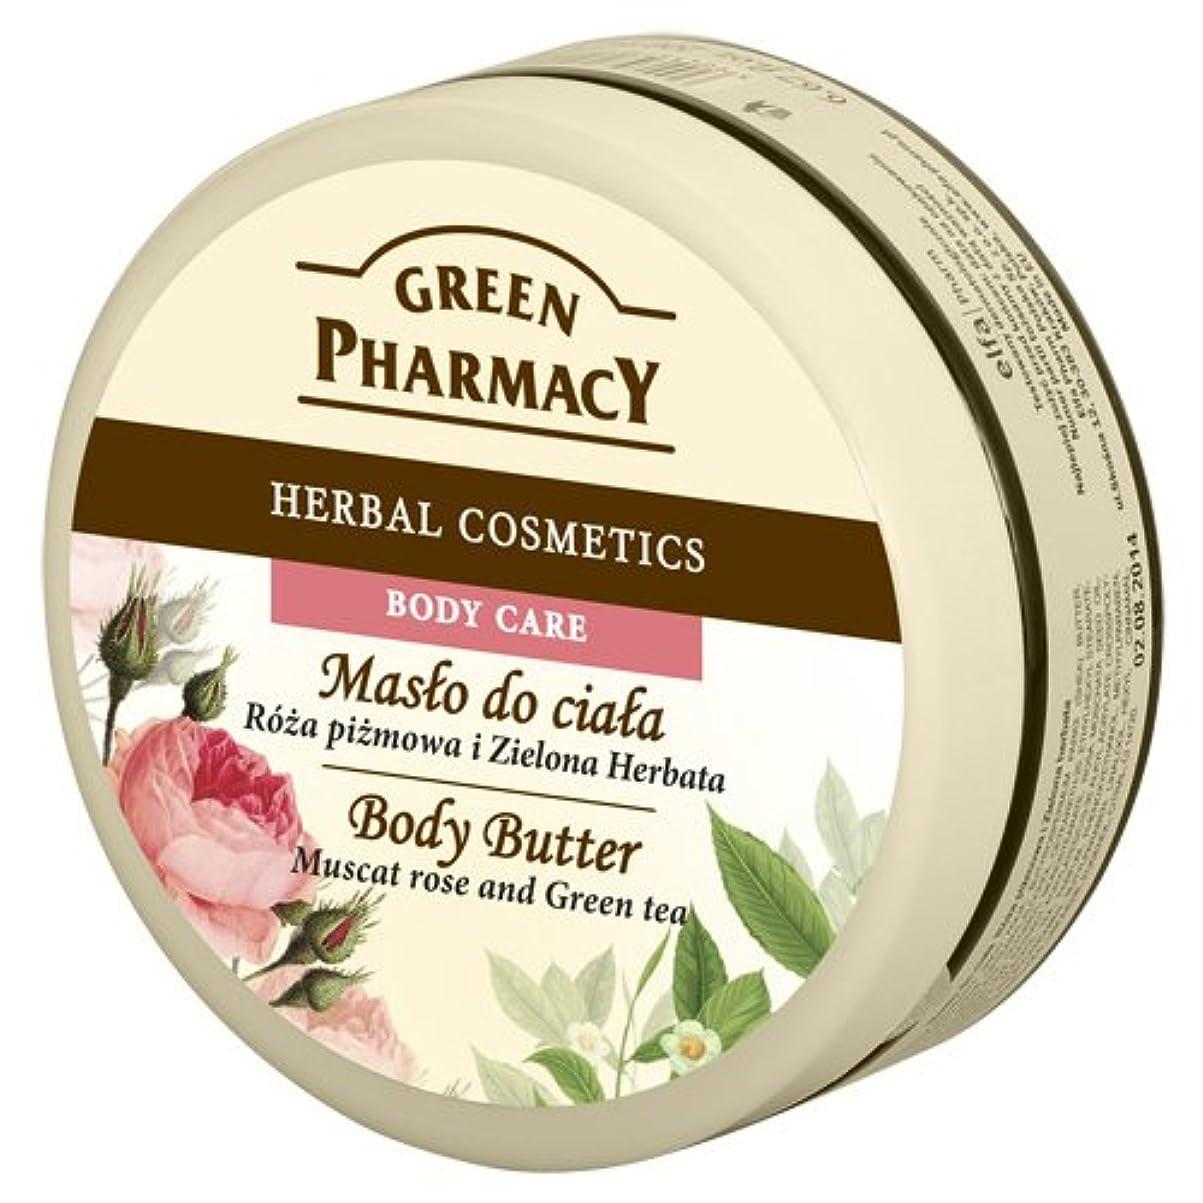 絶滅させる懇願する対処Elfa Pharm Green Pharmacy グリーンファーマシー Body Butter ボディバター Muscat Rose and Green Tea